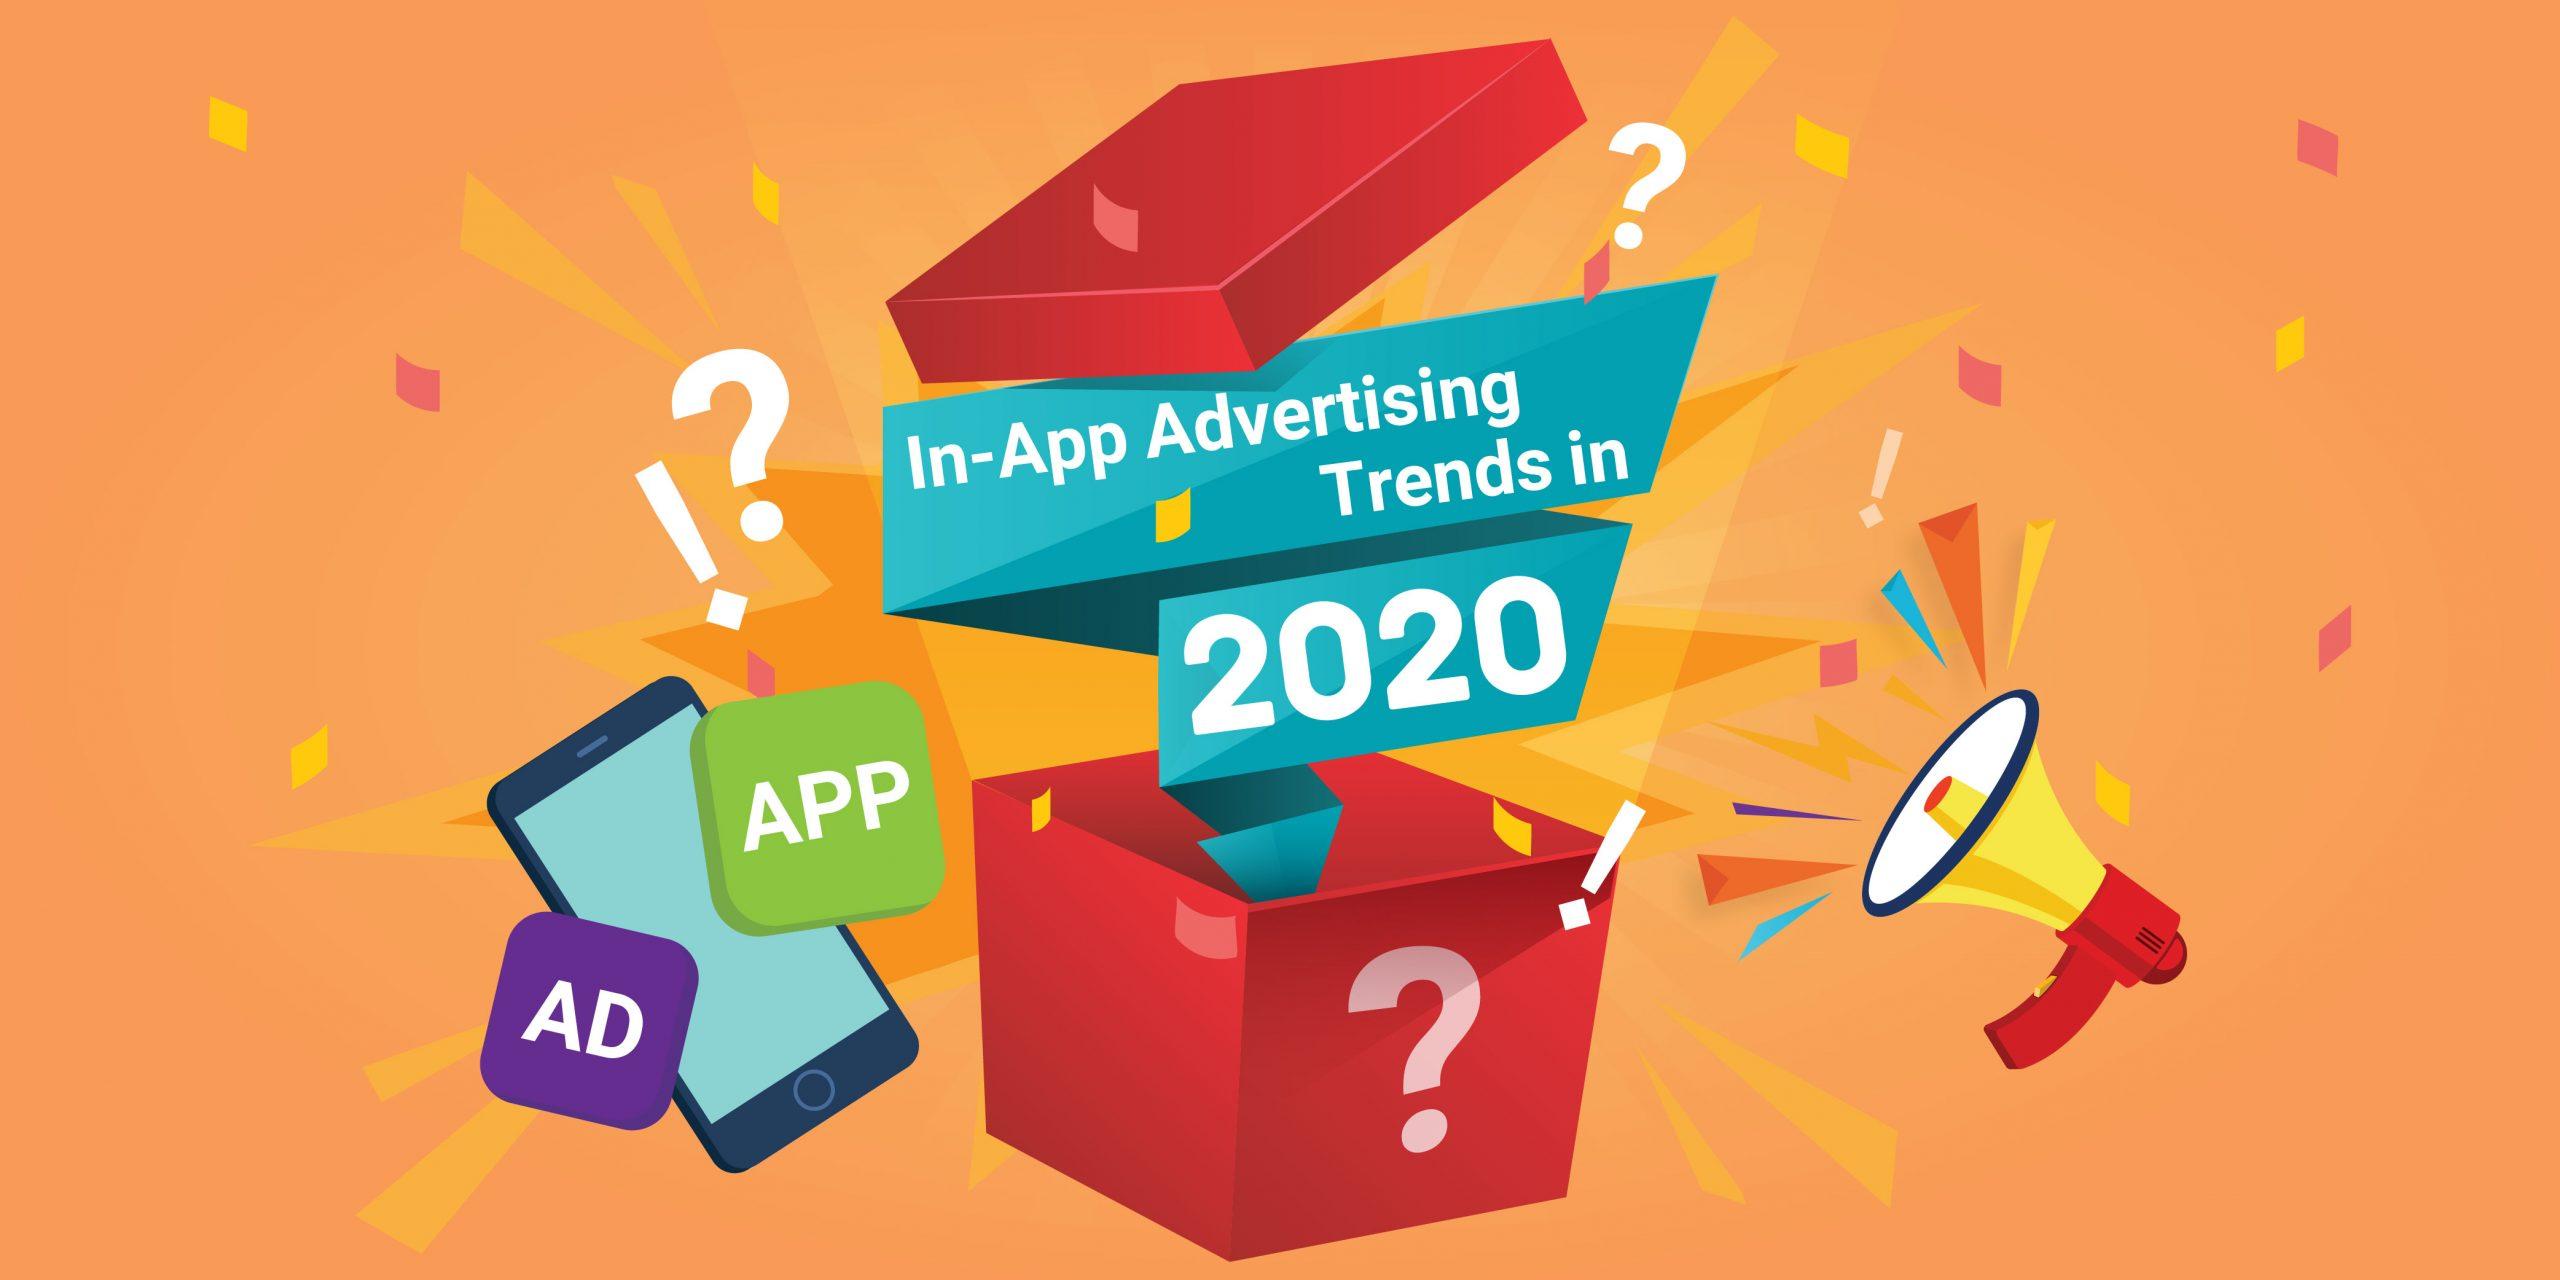 ترندهای تبلیغات درون برنامه در سال 2020